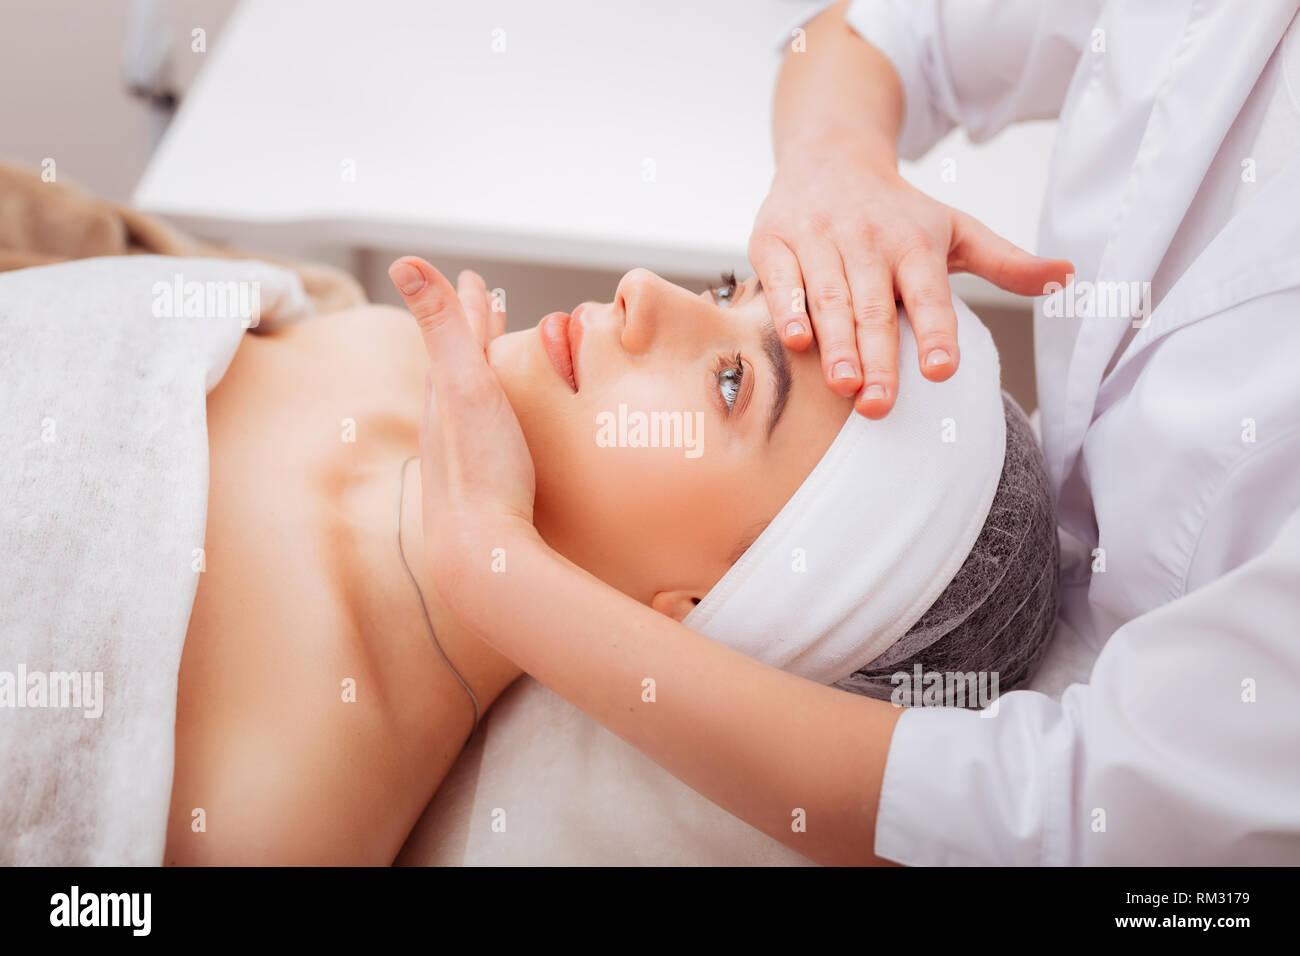 Schöne junge Frau Gesichtsmassage genießen Stockbild